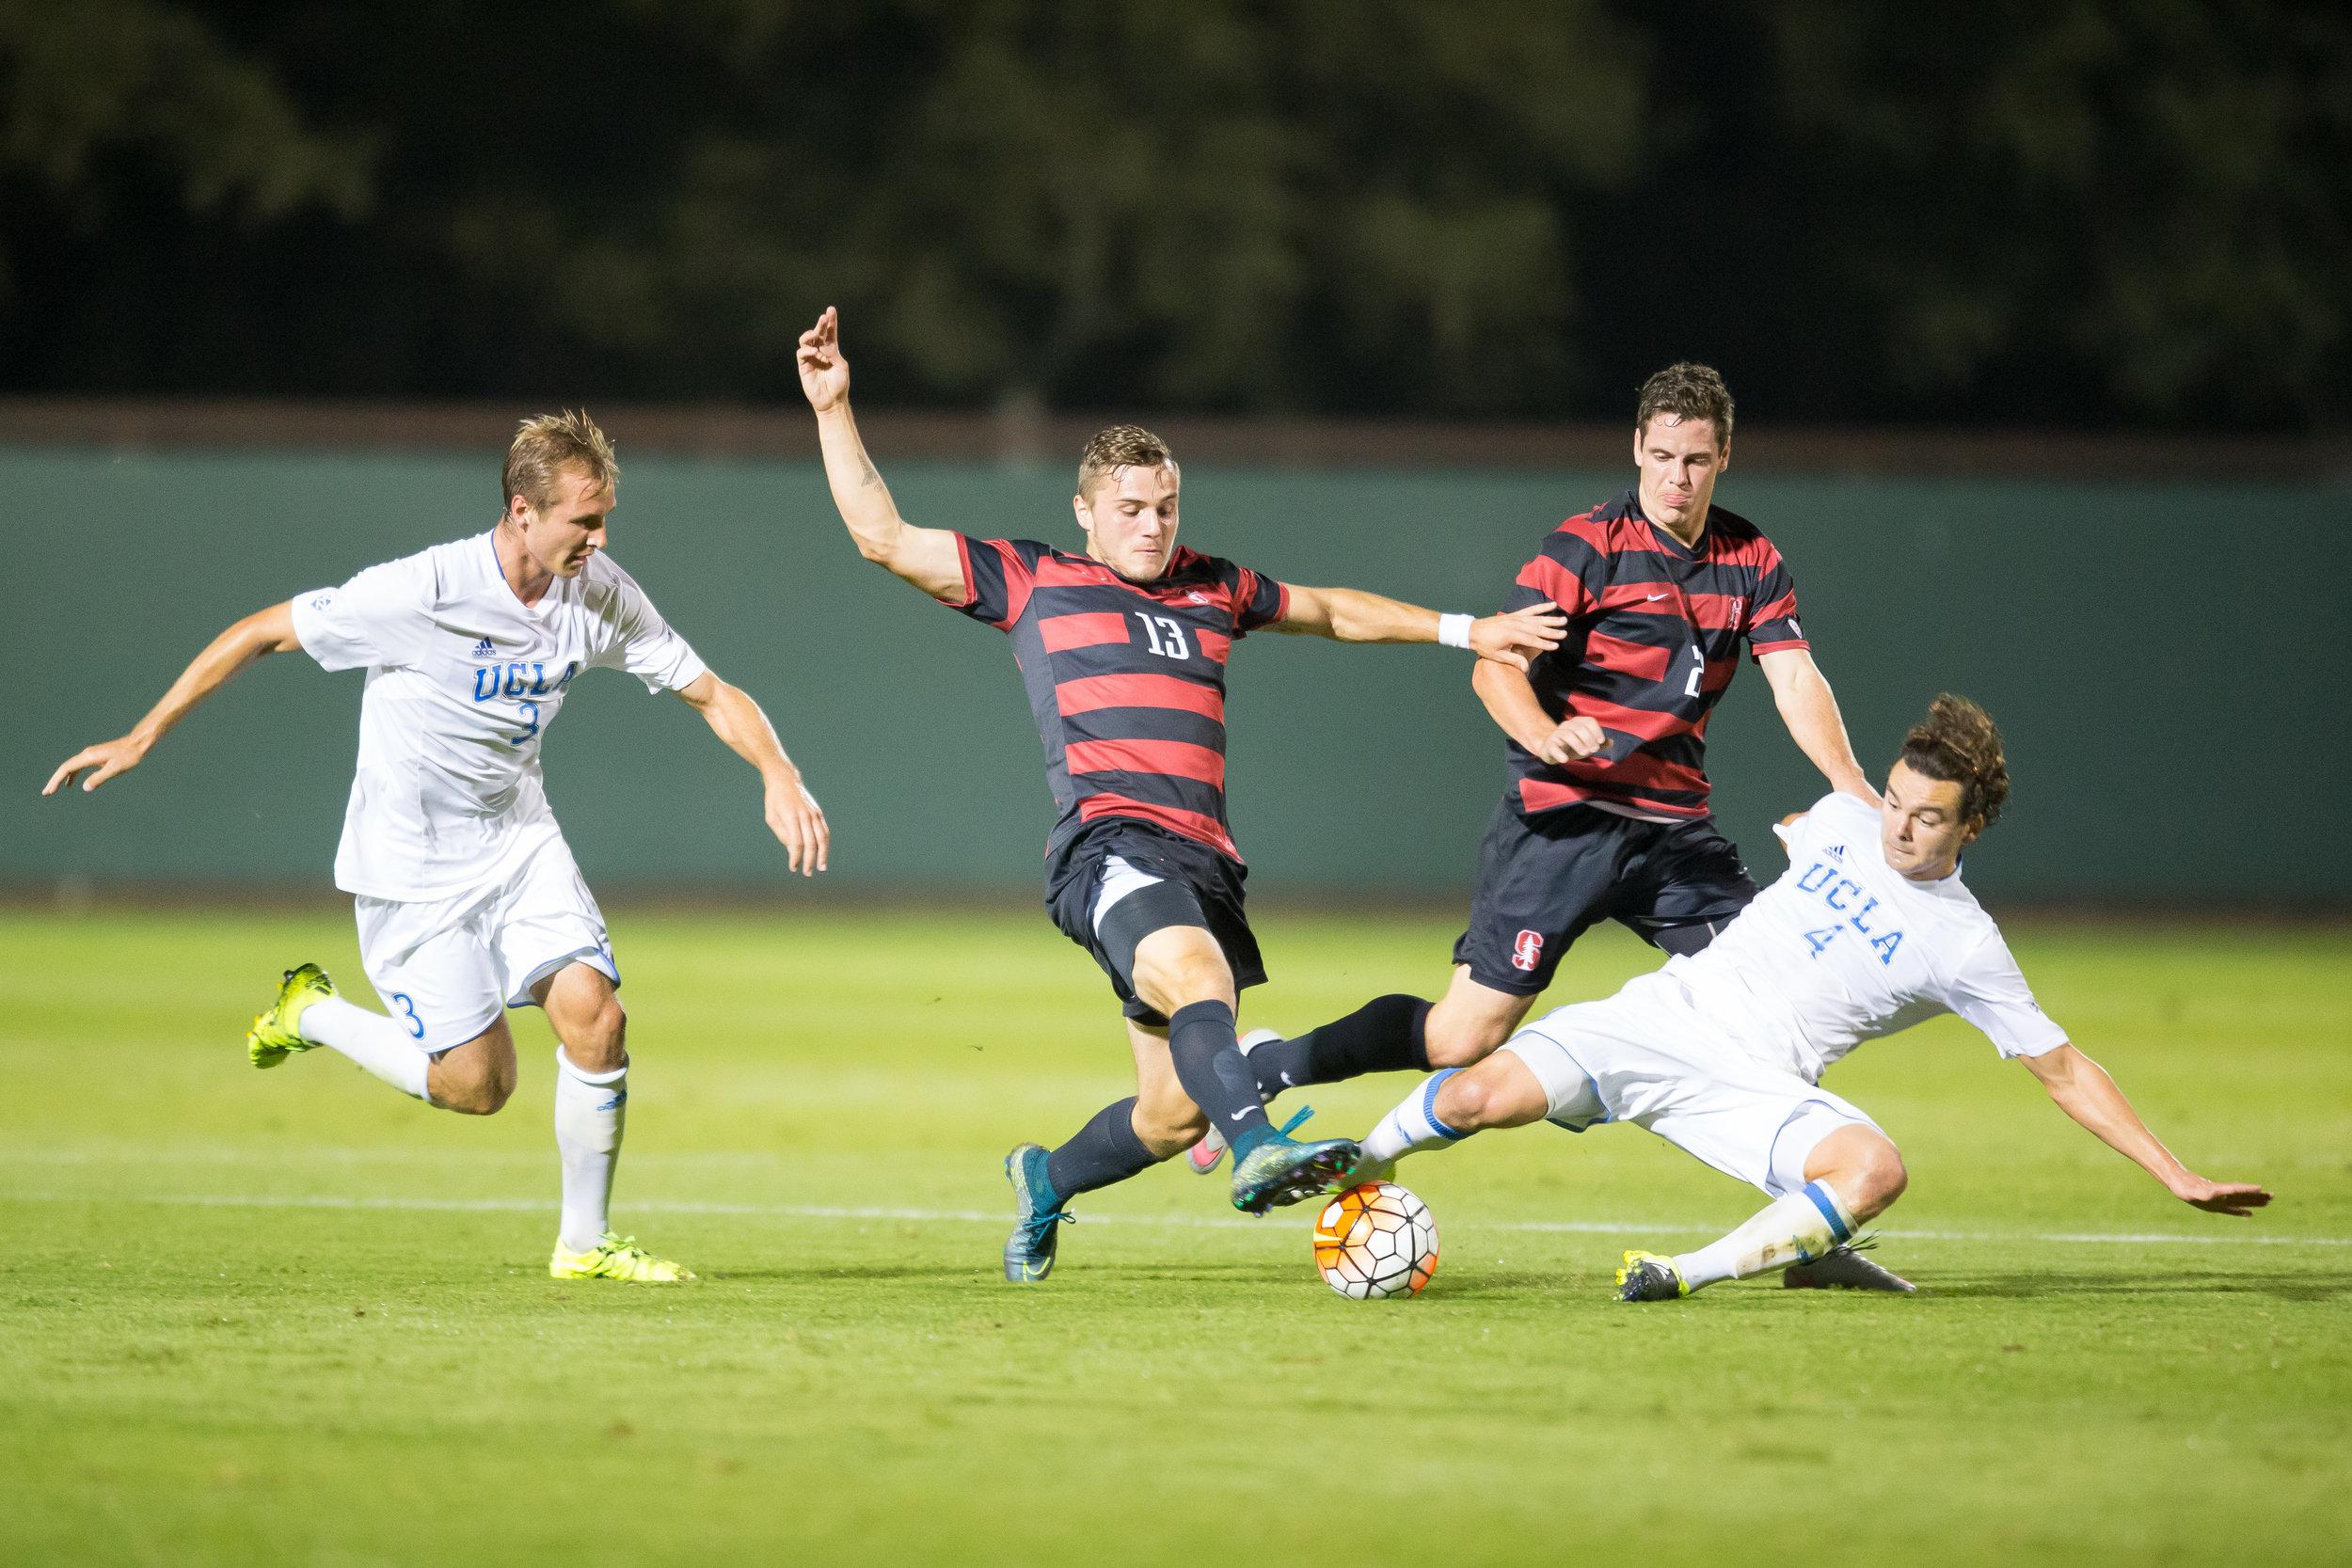 Jordan Morris - Stanford, CA - October 23, 2015: Stanford Men's Soccer vs UCLA. Photo by Casey Valentine